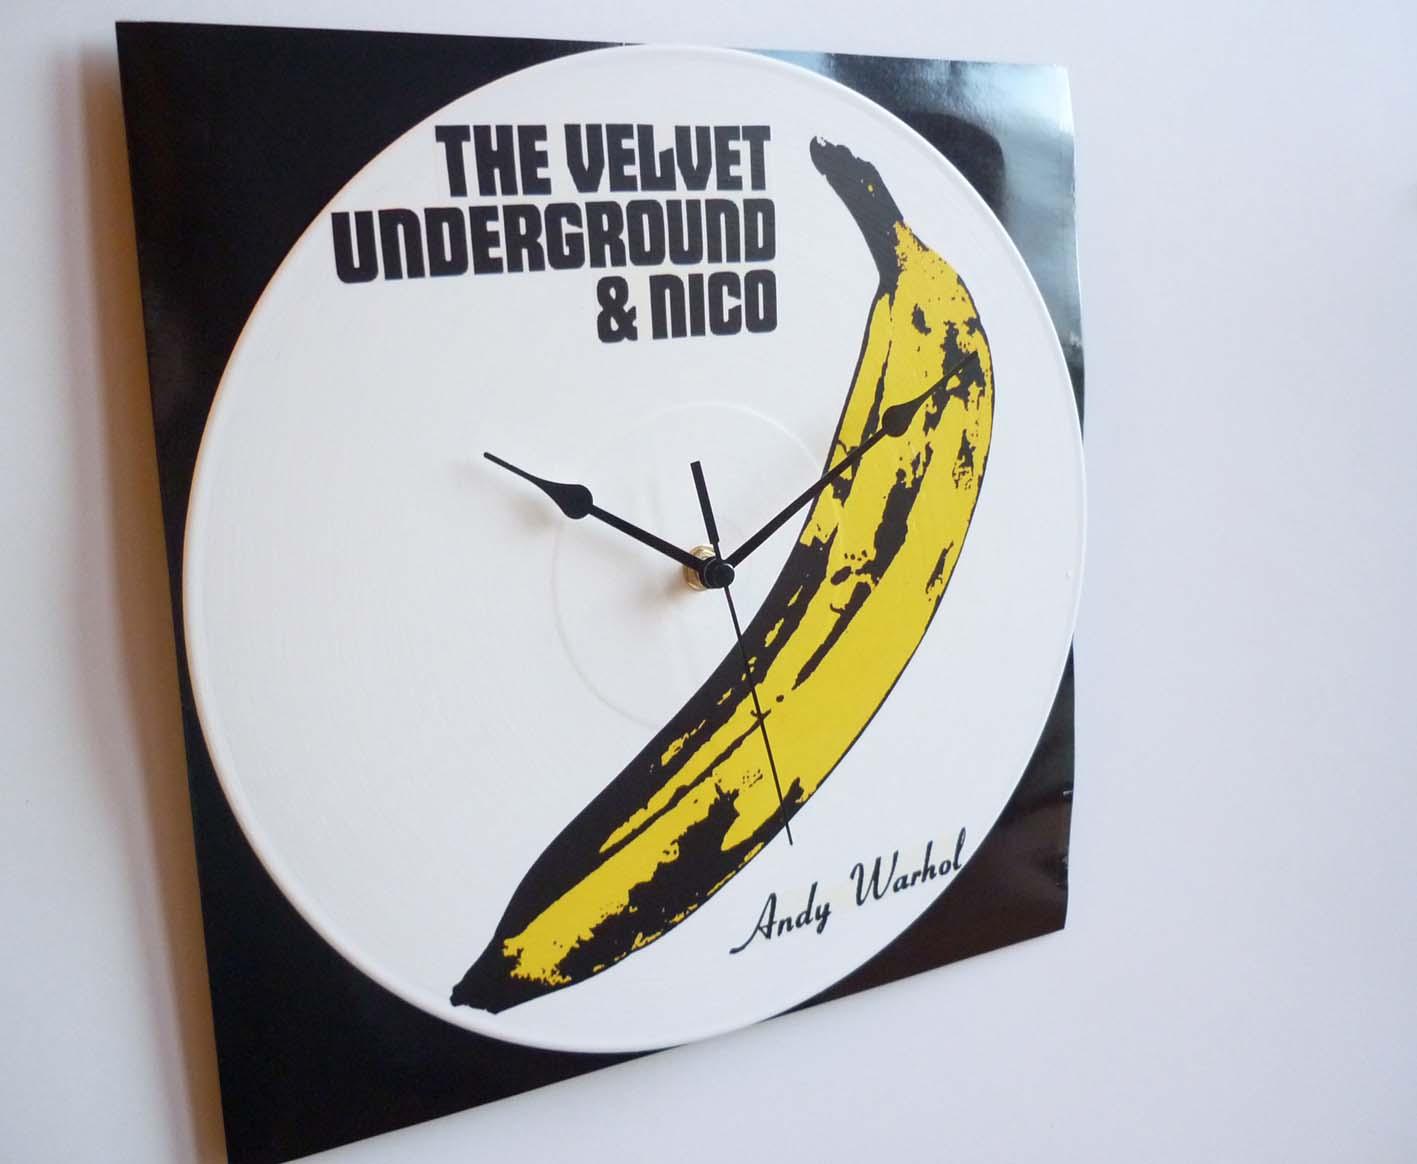 The Velvet Underground Amp Nico 1967 12 Vinyl Record